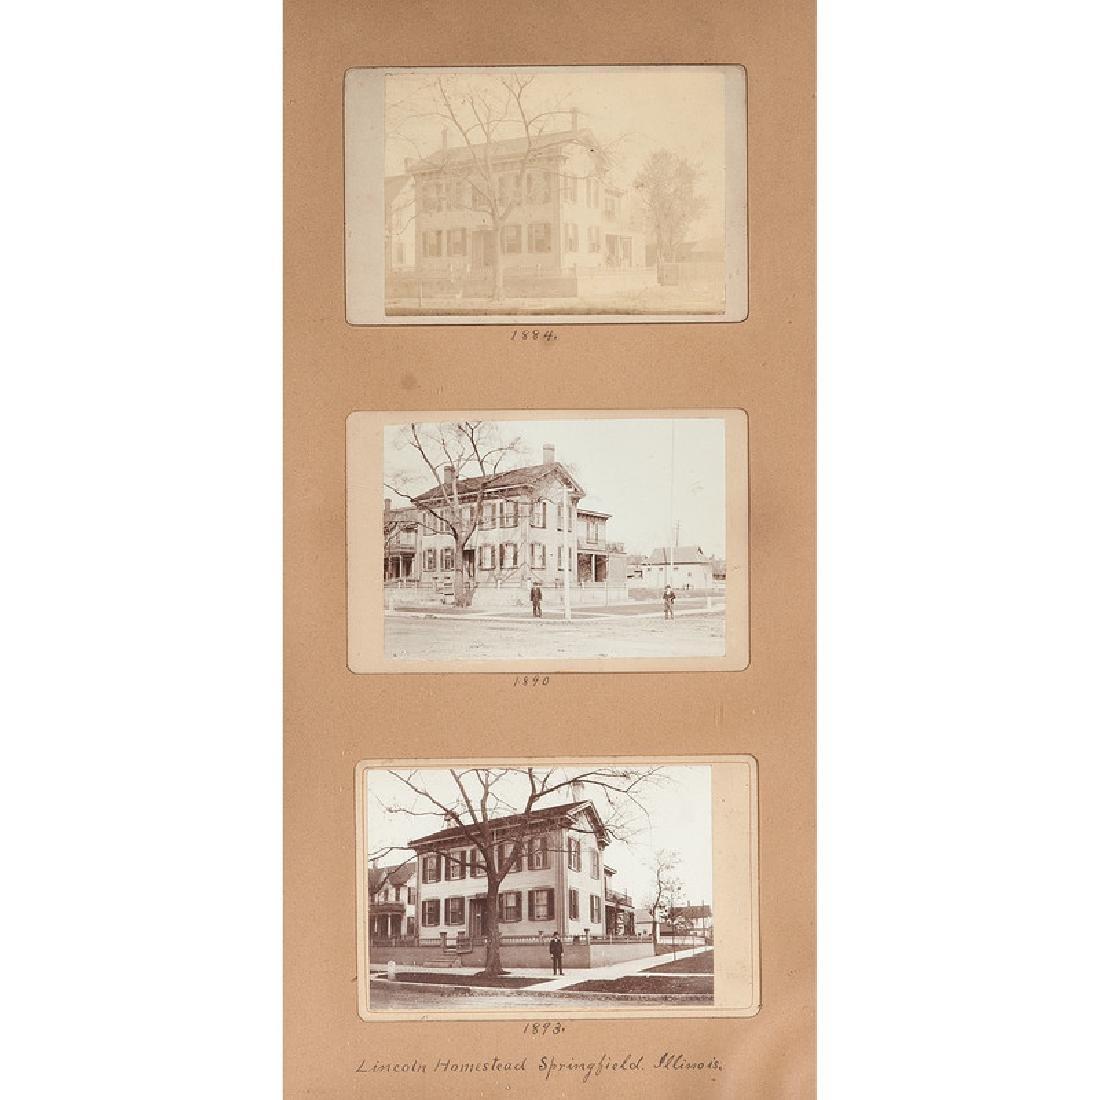 Lincoln Homestead Springfield, Illinois, Trio of - 2